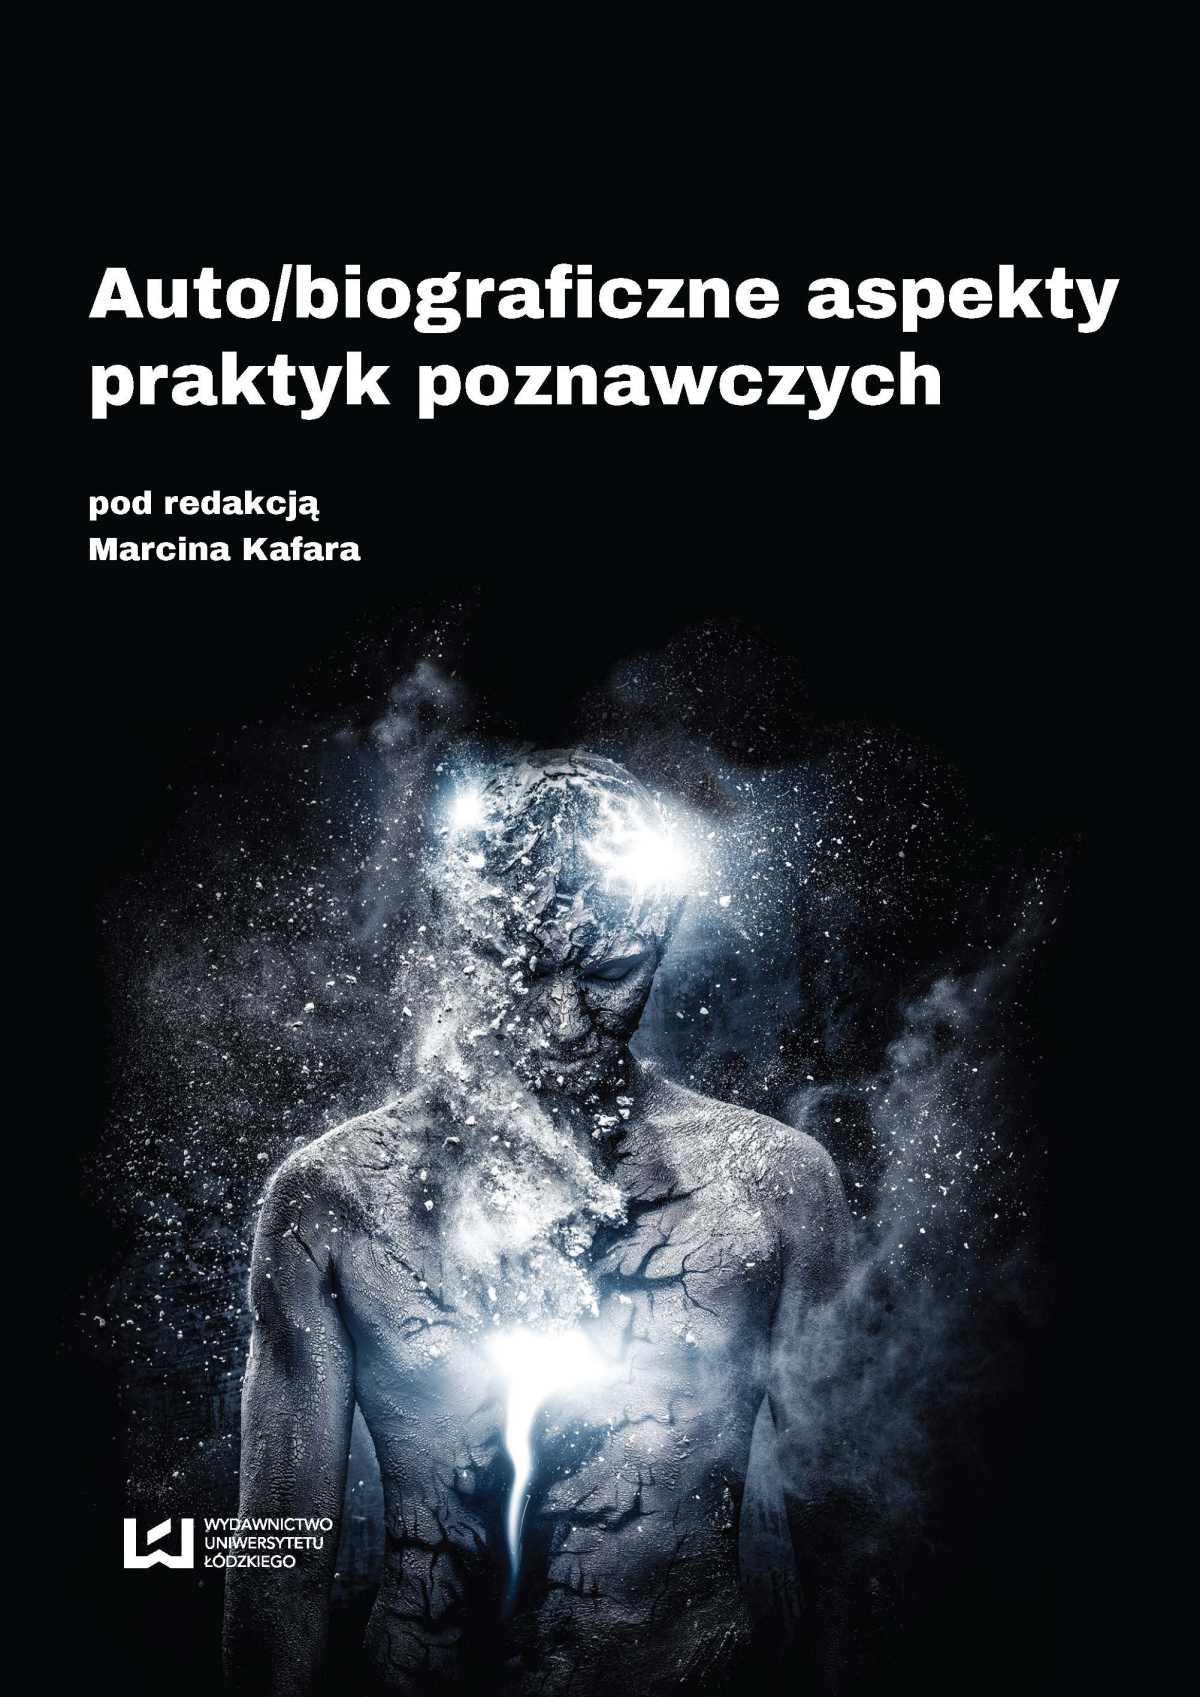 Auto/biograficzne aspekty praktyk poznawczych - Ebook (Książka PDF) do pobrania w formacie PDF